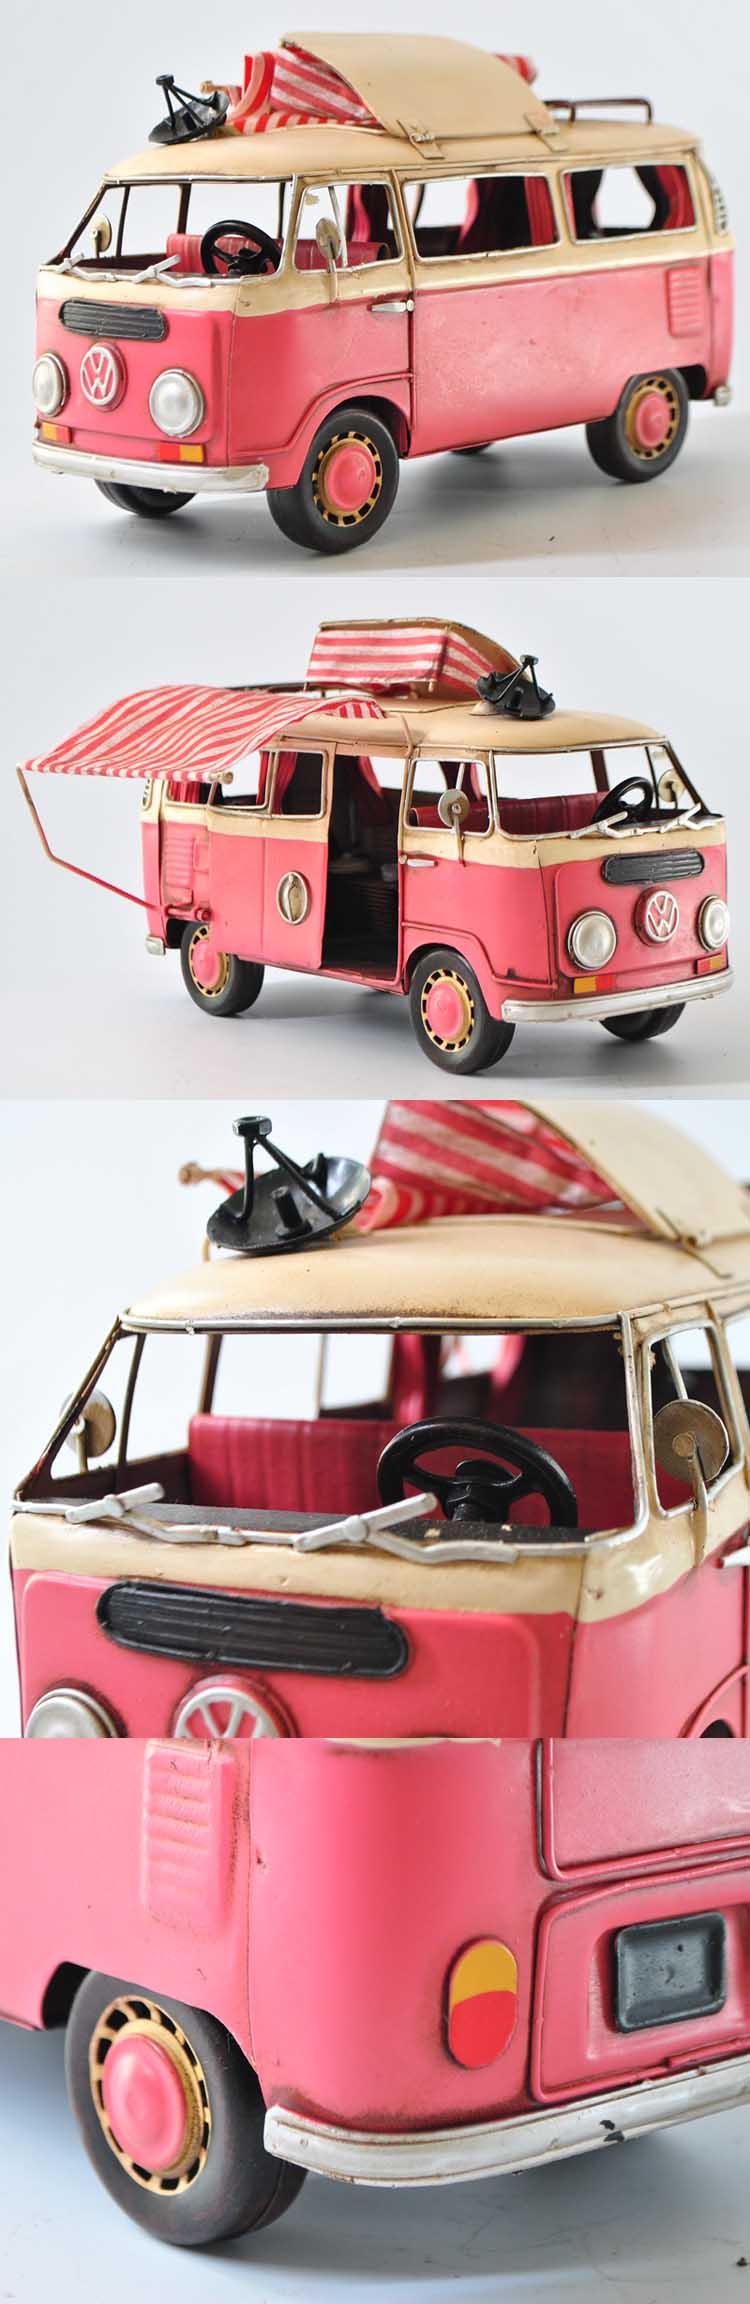 1966 Vw Bus Model,Vintage Camping Bus,Vw Camper Model 1:20-scale For ...